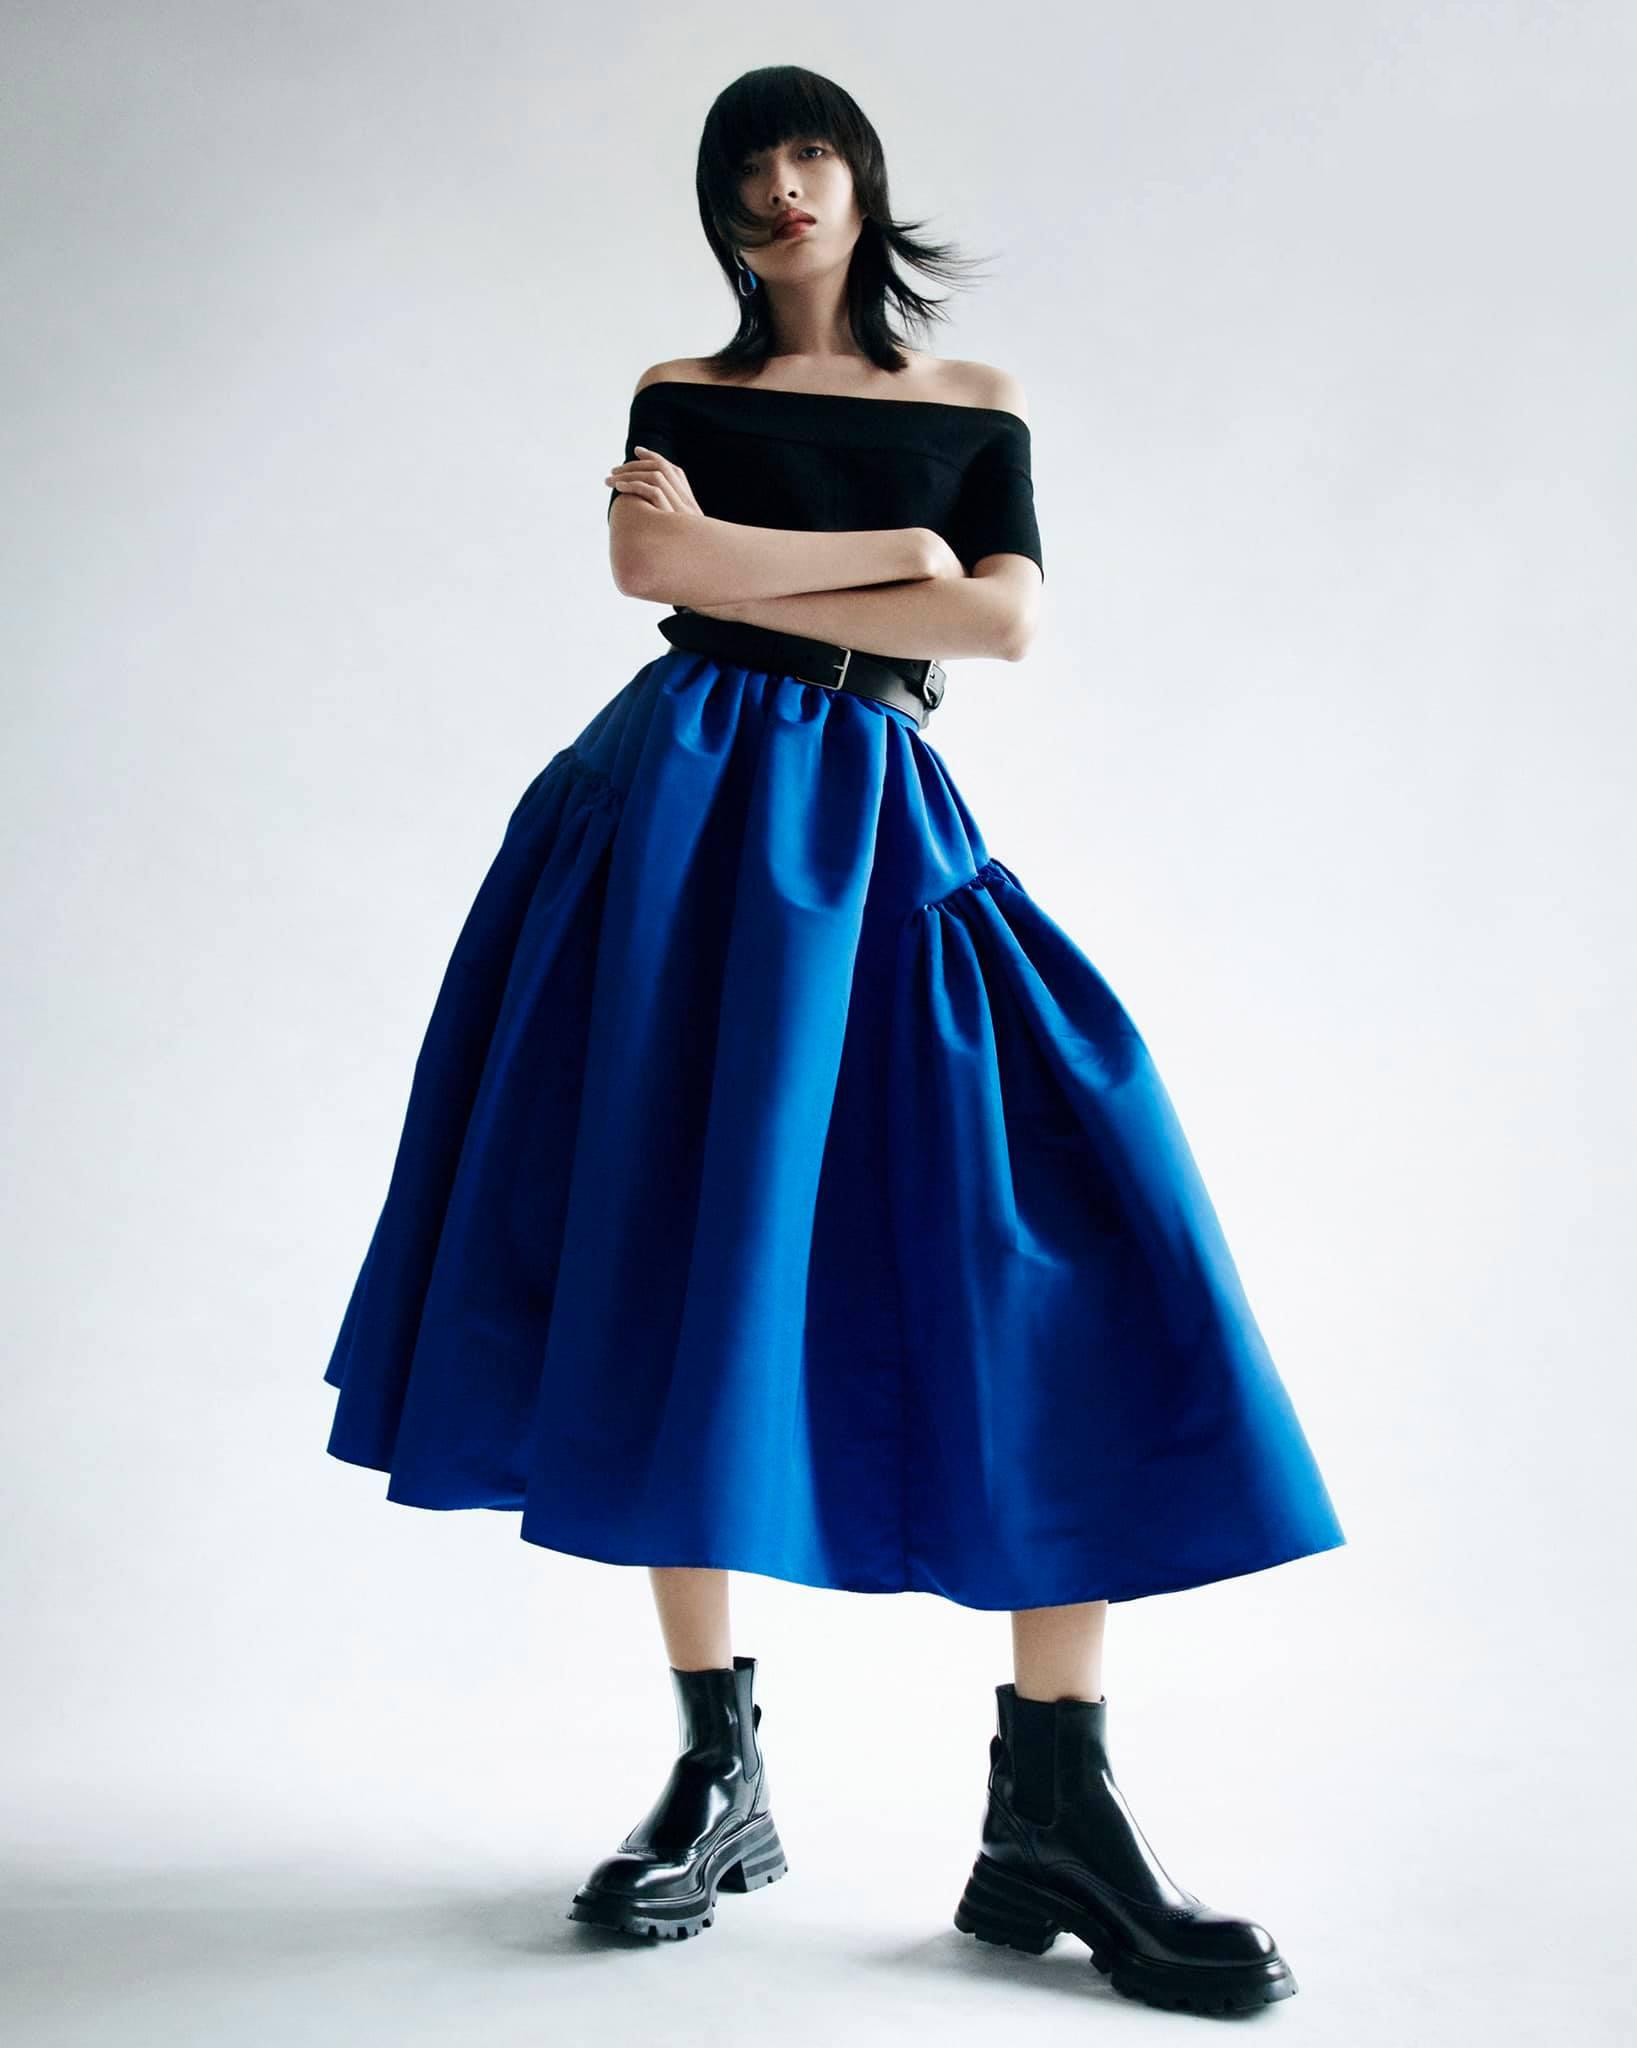 HOT: Phương Oanh next top lên hẳn bìa Vogue, câu cà khịa VNTM năm xưa bỗng được nhắc lại - Ảnh 5.